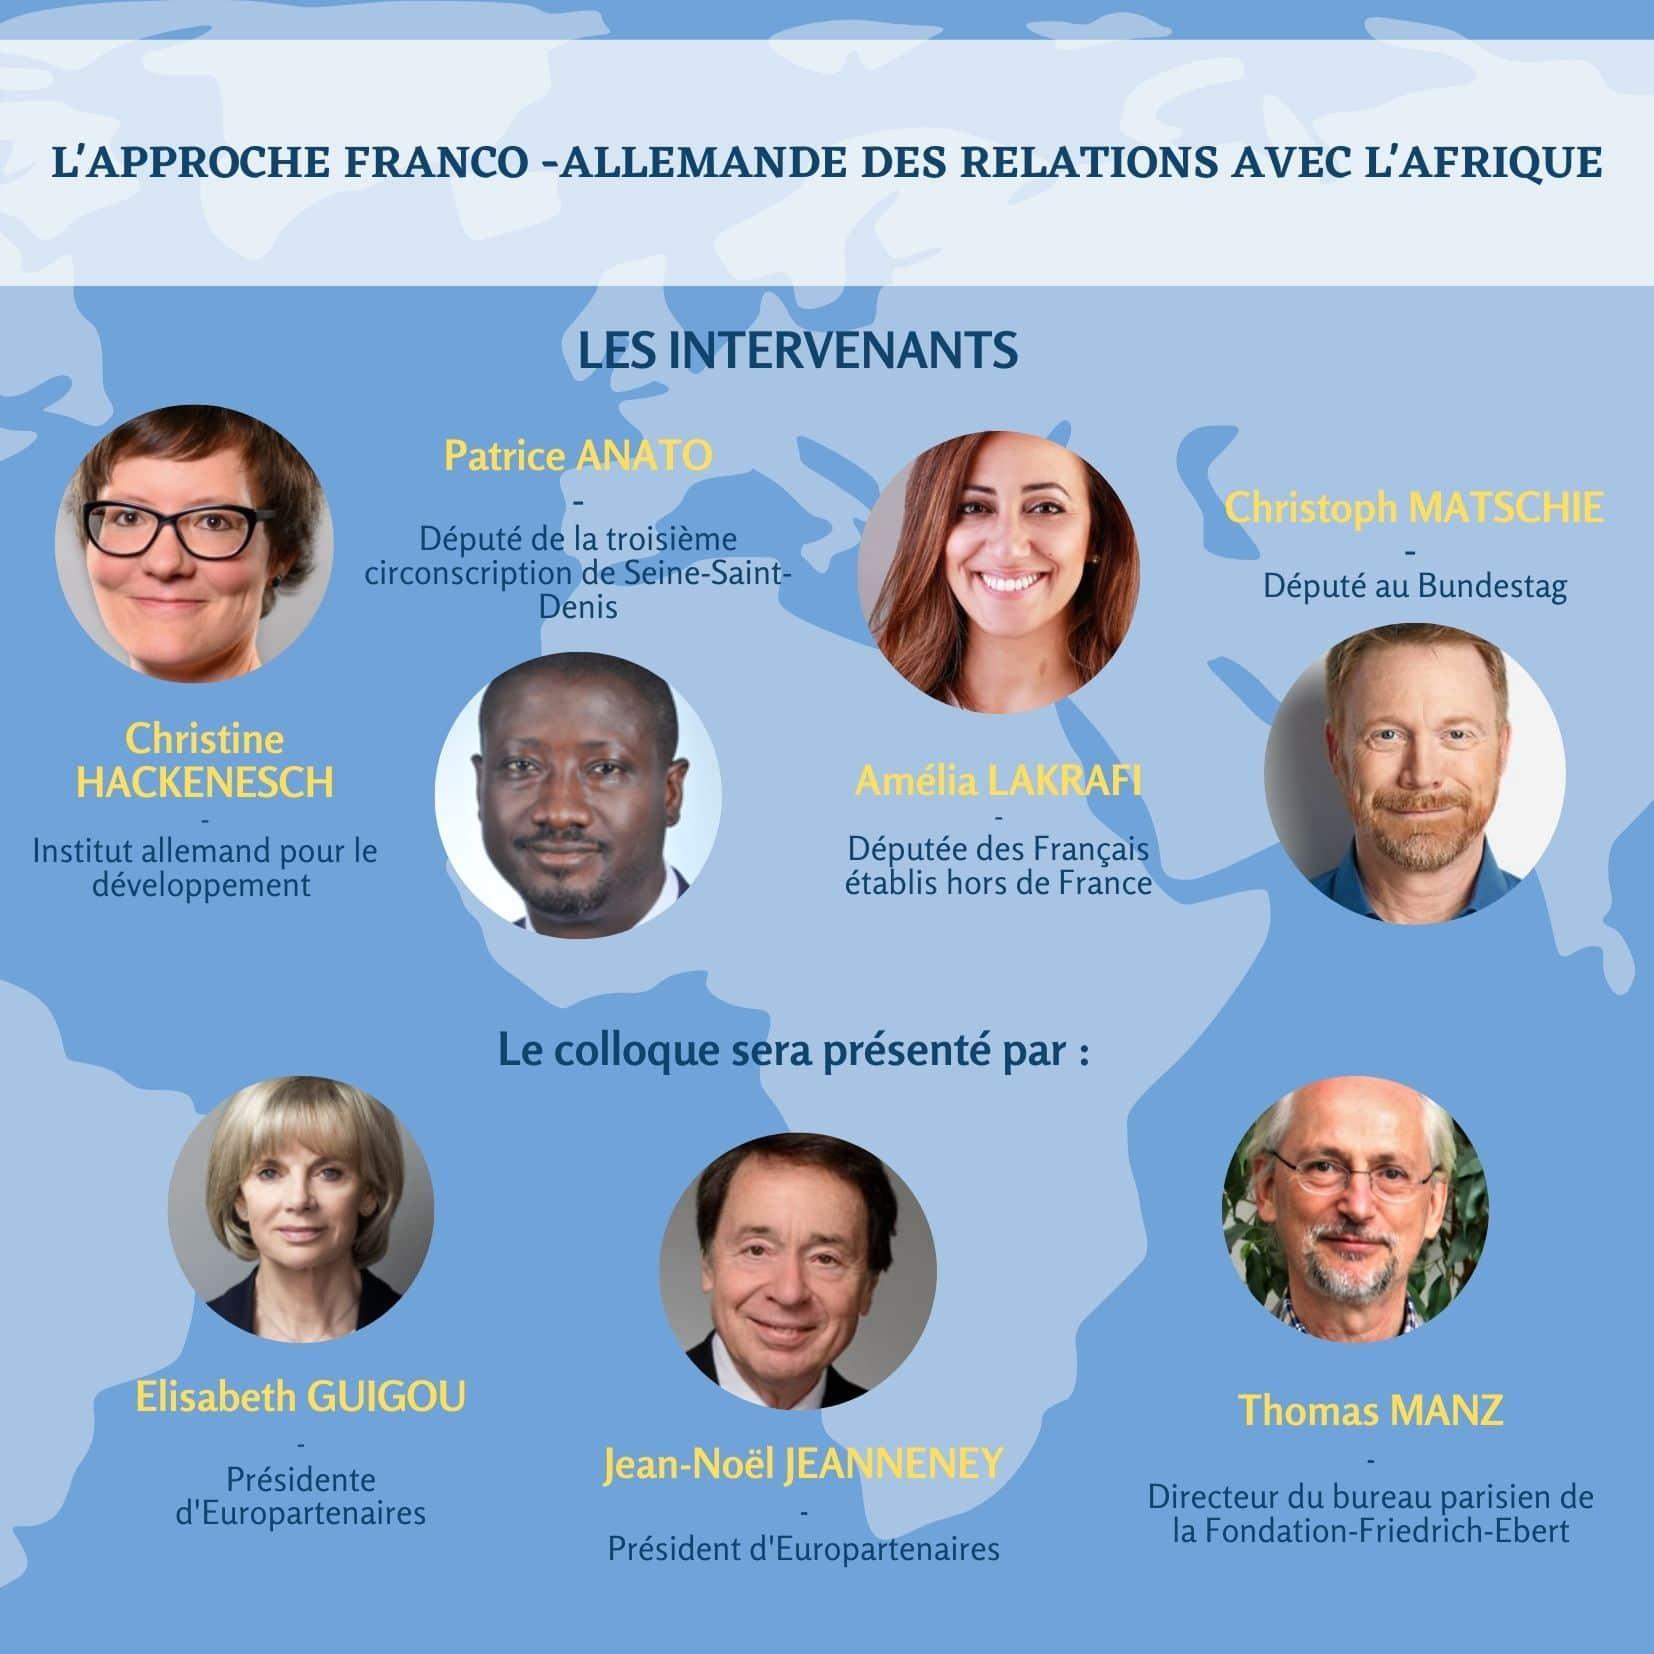 L'approche franco -allemande des relations avec l'afrique-6